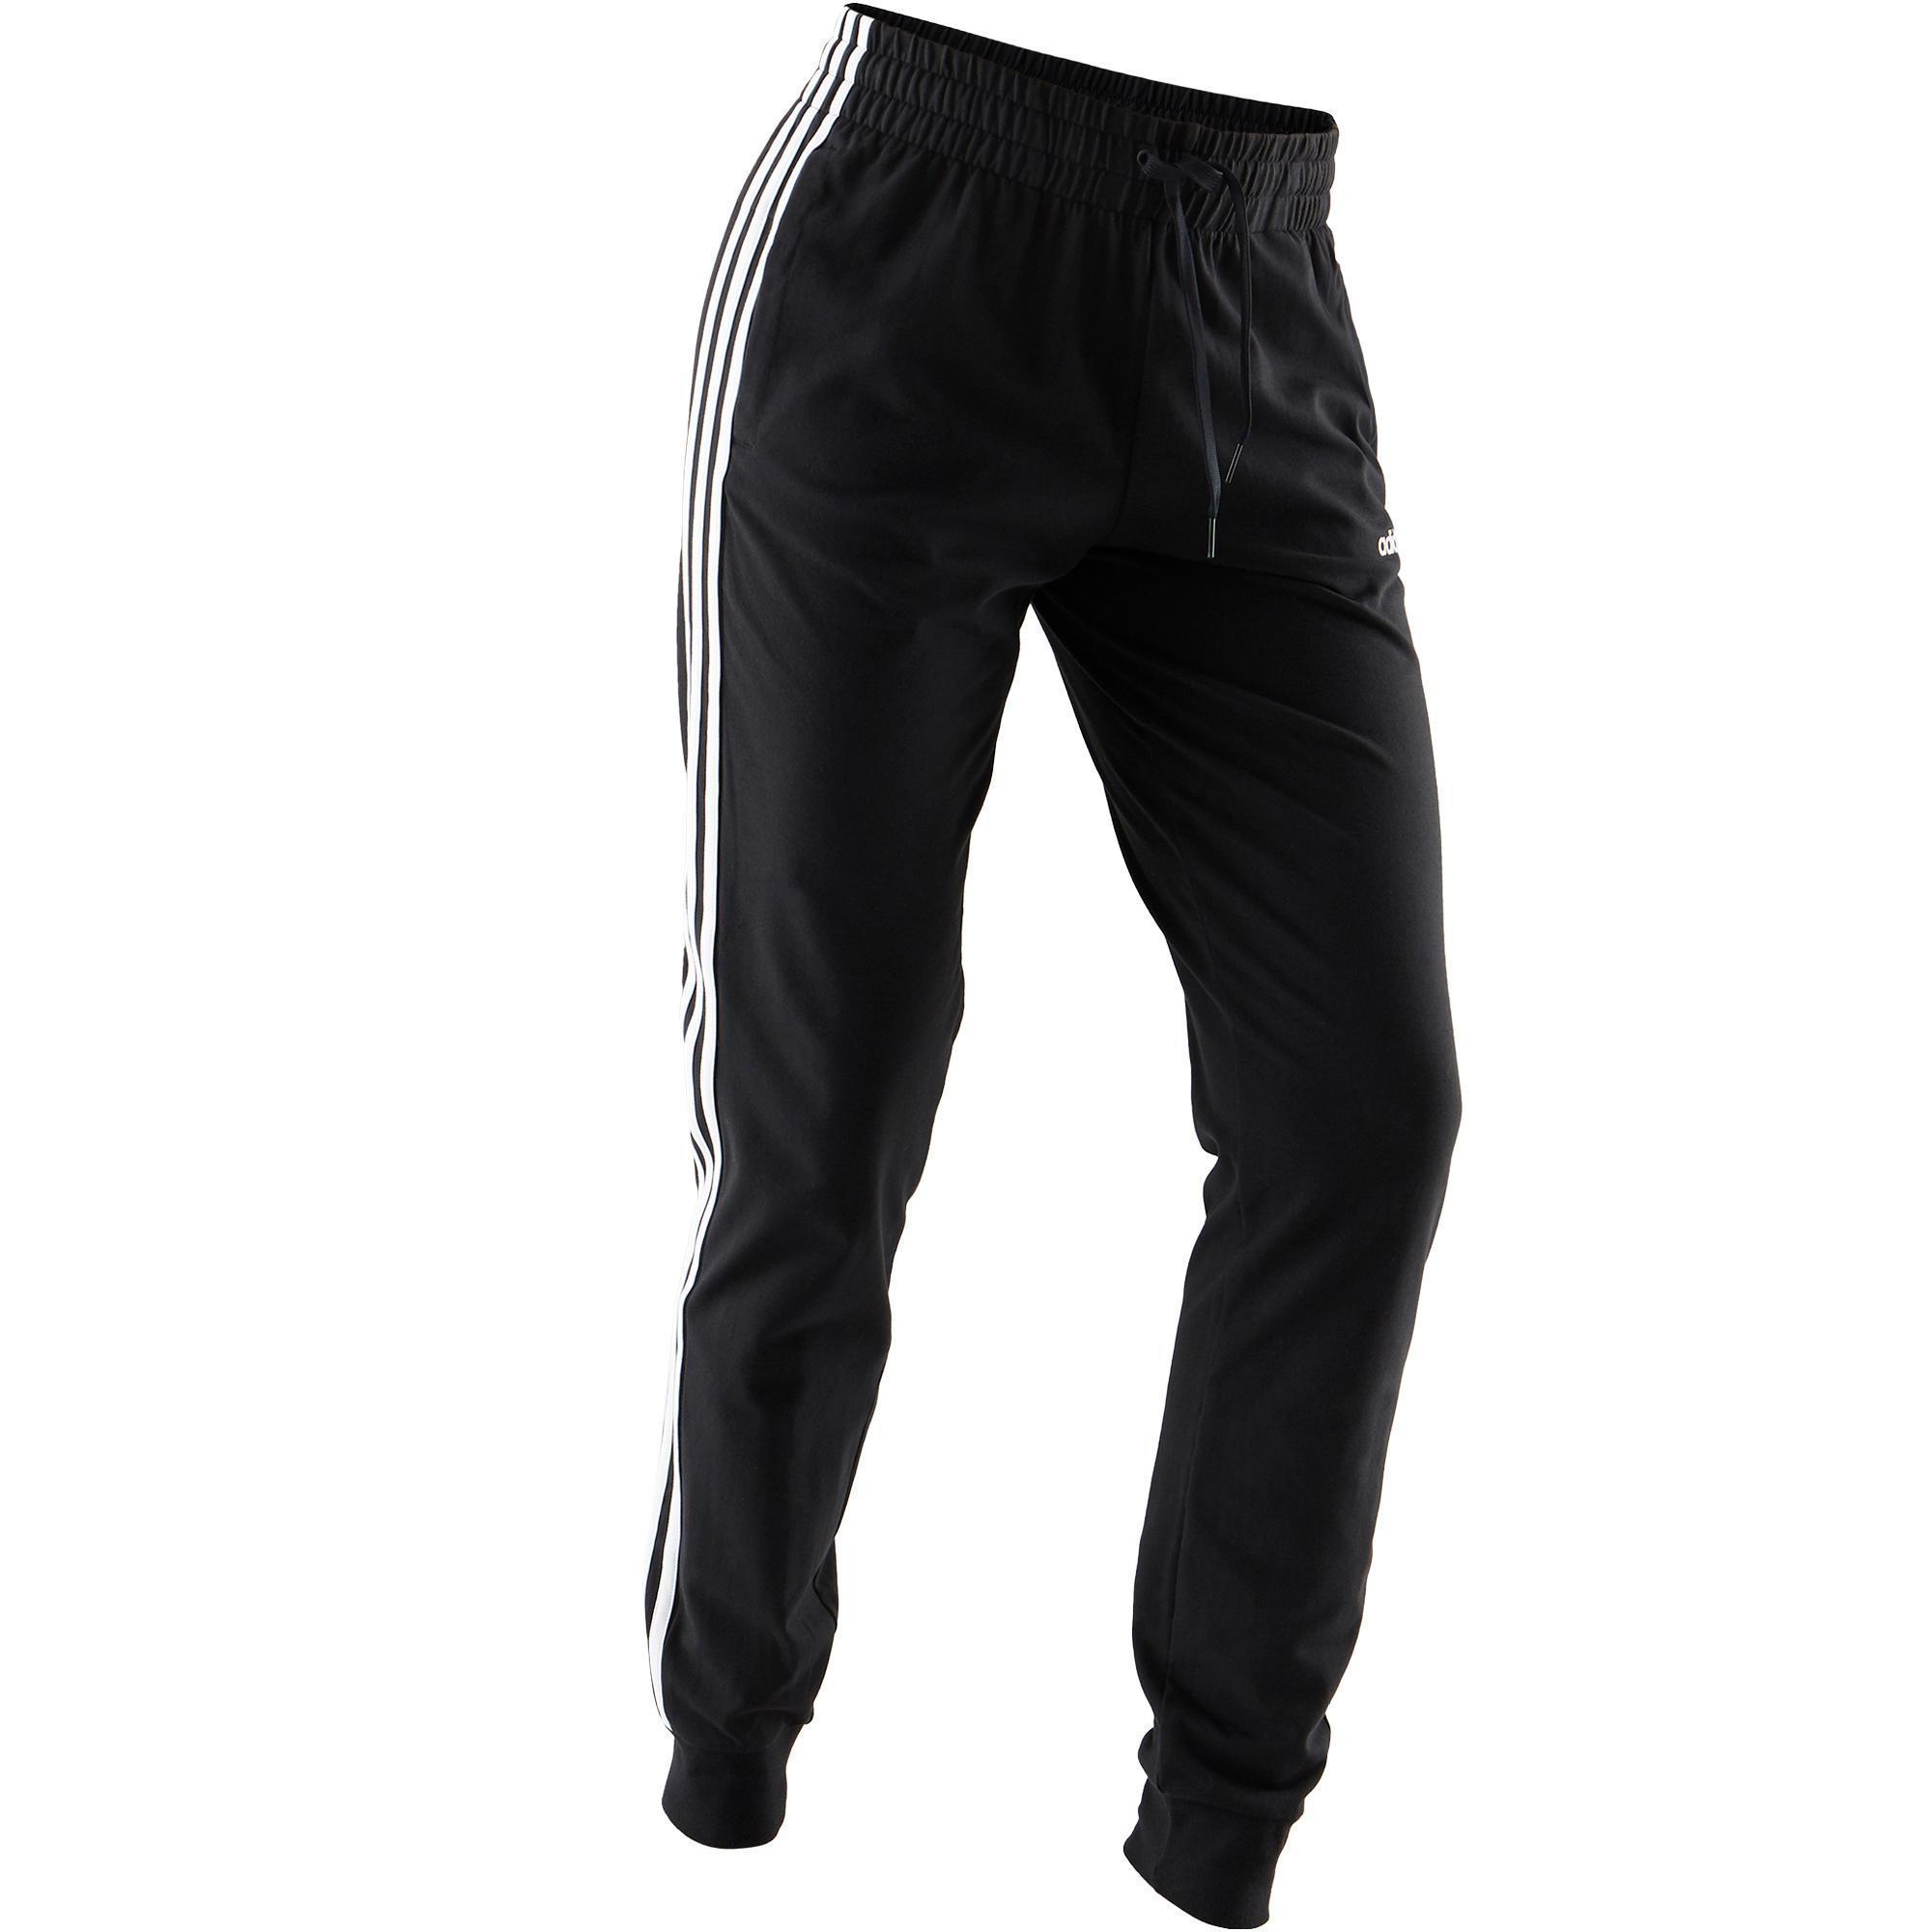 más tarde nueva colección muy genial Pantalones Adidas - Decathlon